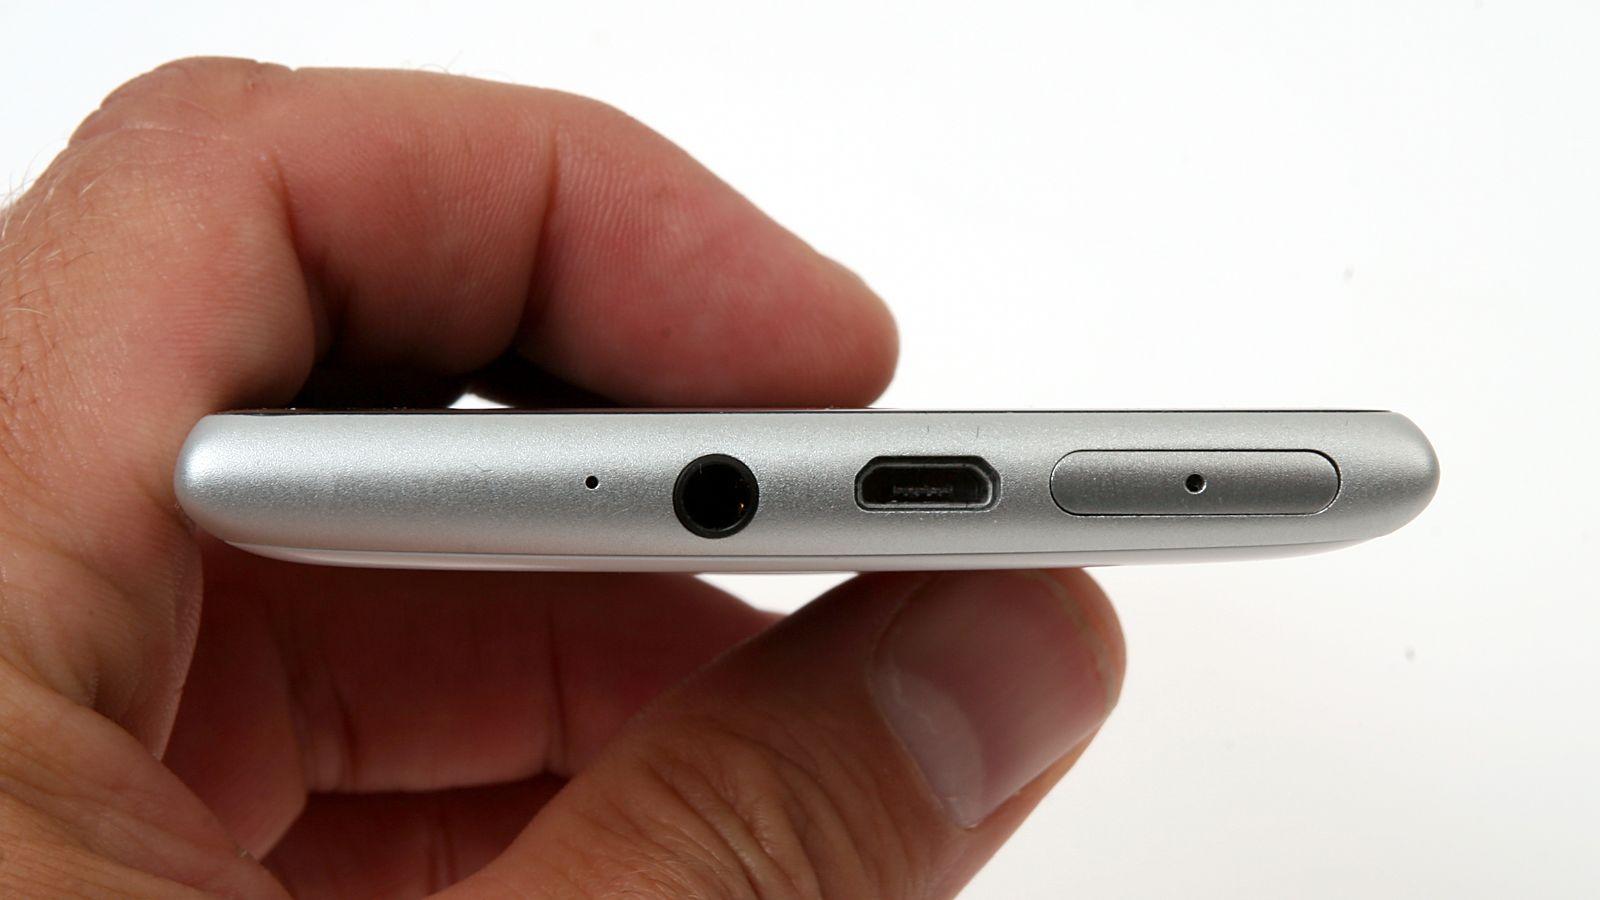 Kontaktene befinner seg på toppen av telefonen.Foto: Kurt Lekanger, Amobil.no